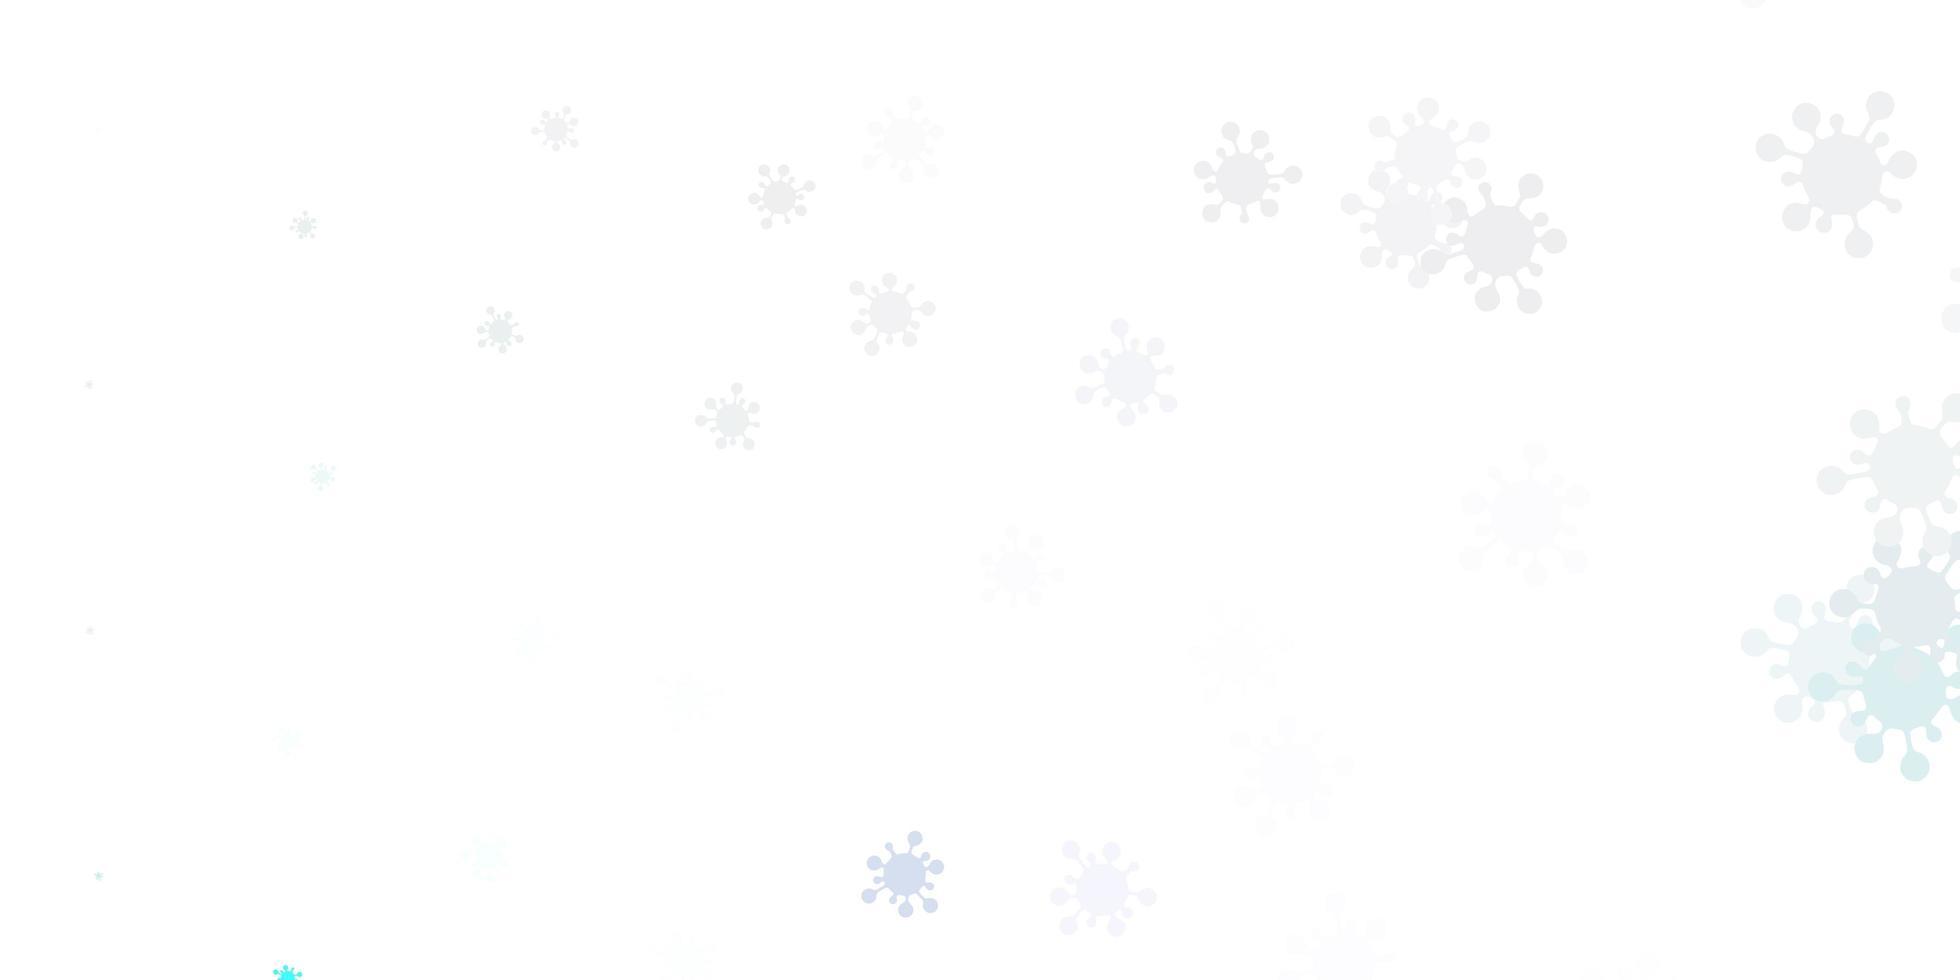 hellrosa, blauer Vektorhintergrund mit covid-19 Symbolen vektor